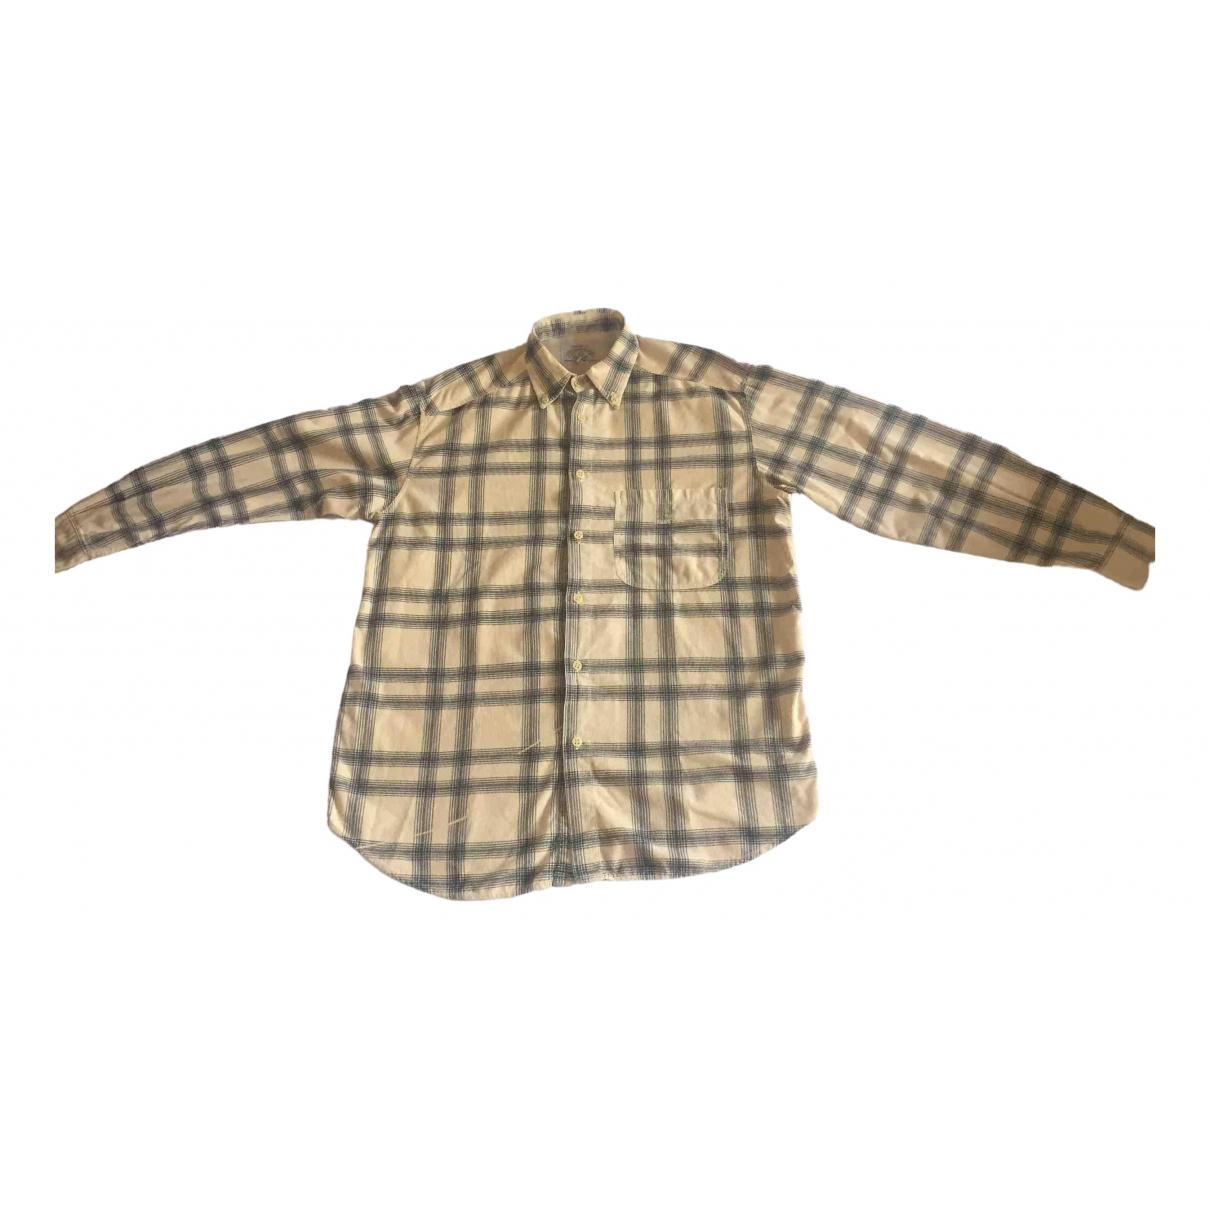 Armani Jeans N Beige Velvet Shirts for Men M International